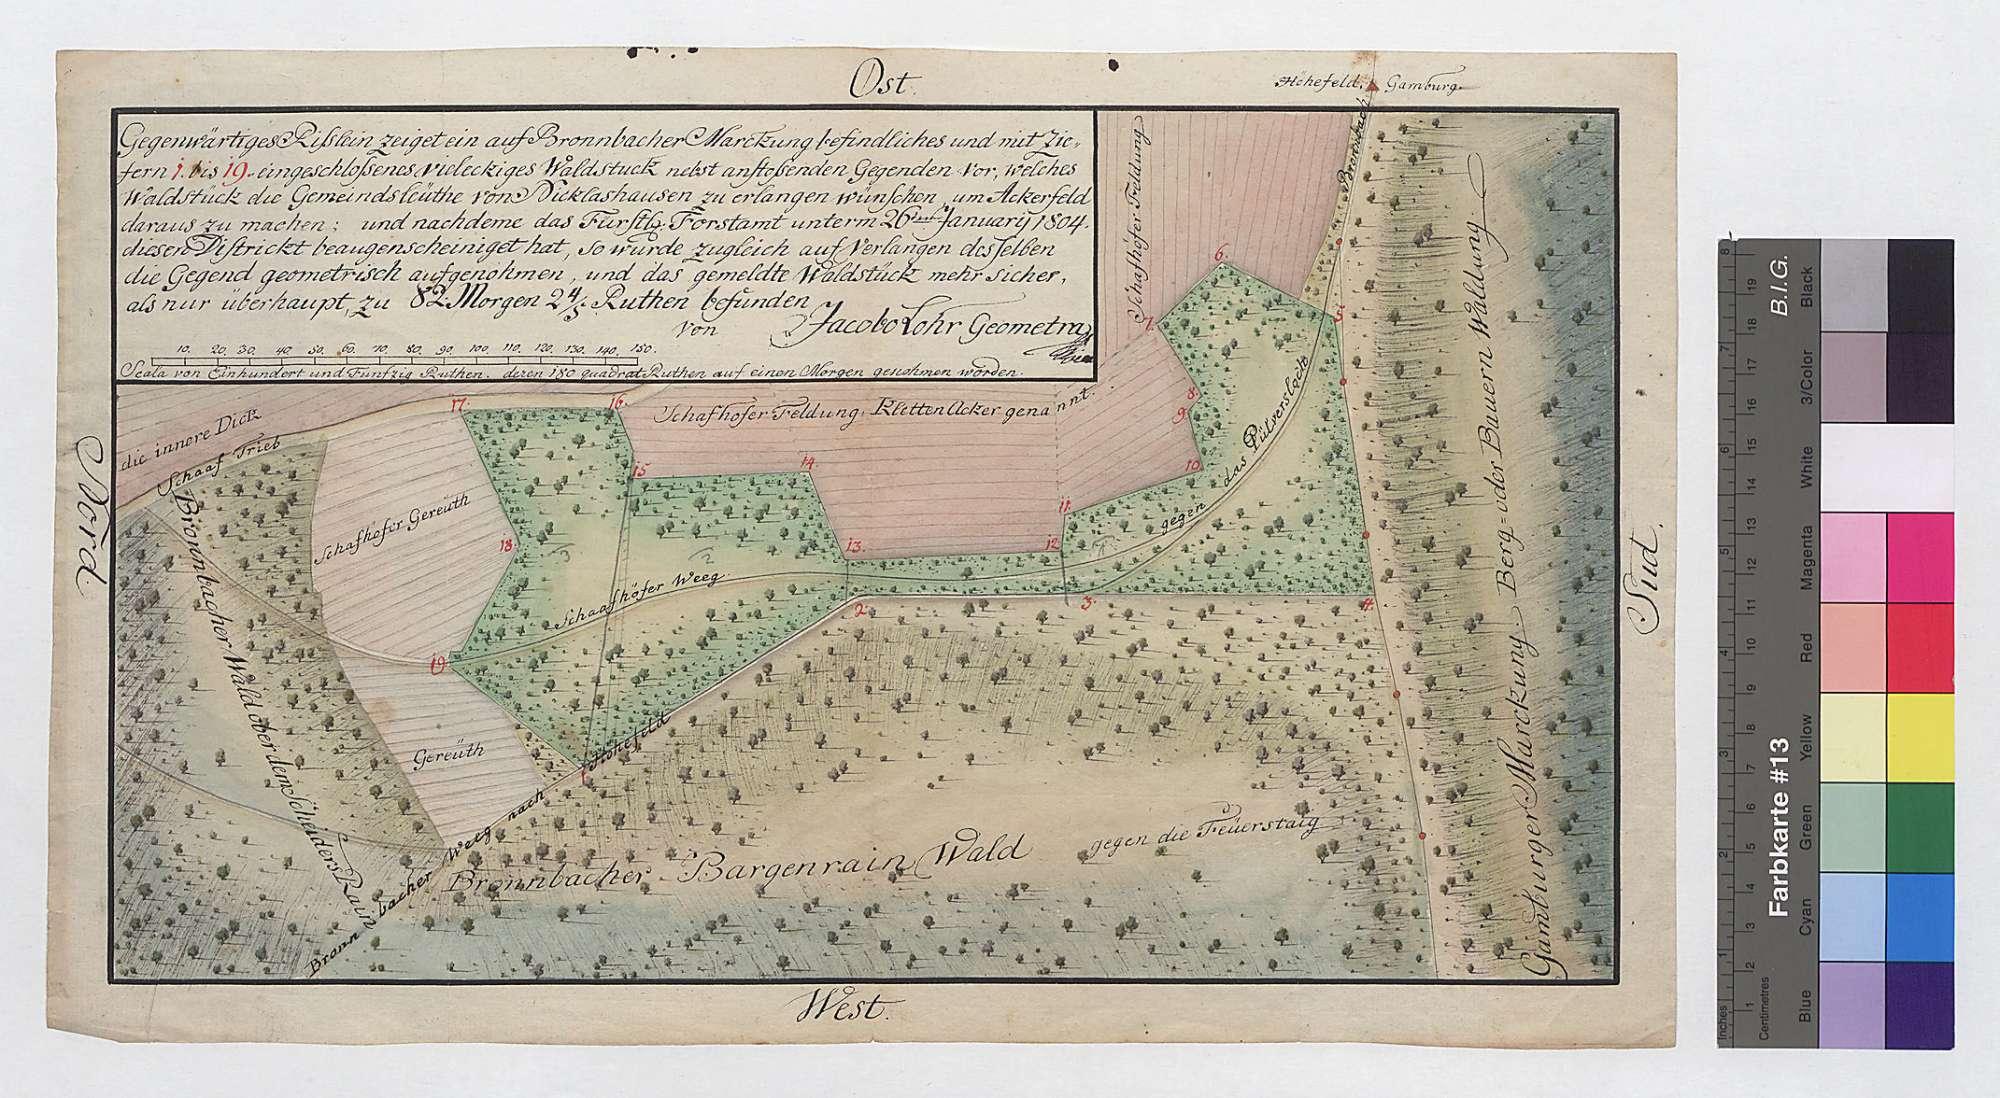 Waldstück am Bargenrain auf Bronnbacher Gemarkung, Bild 1